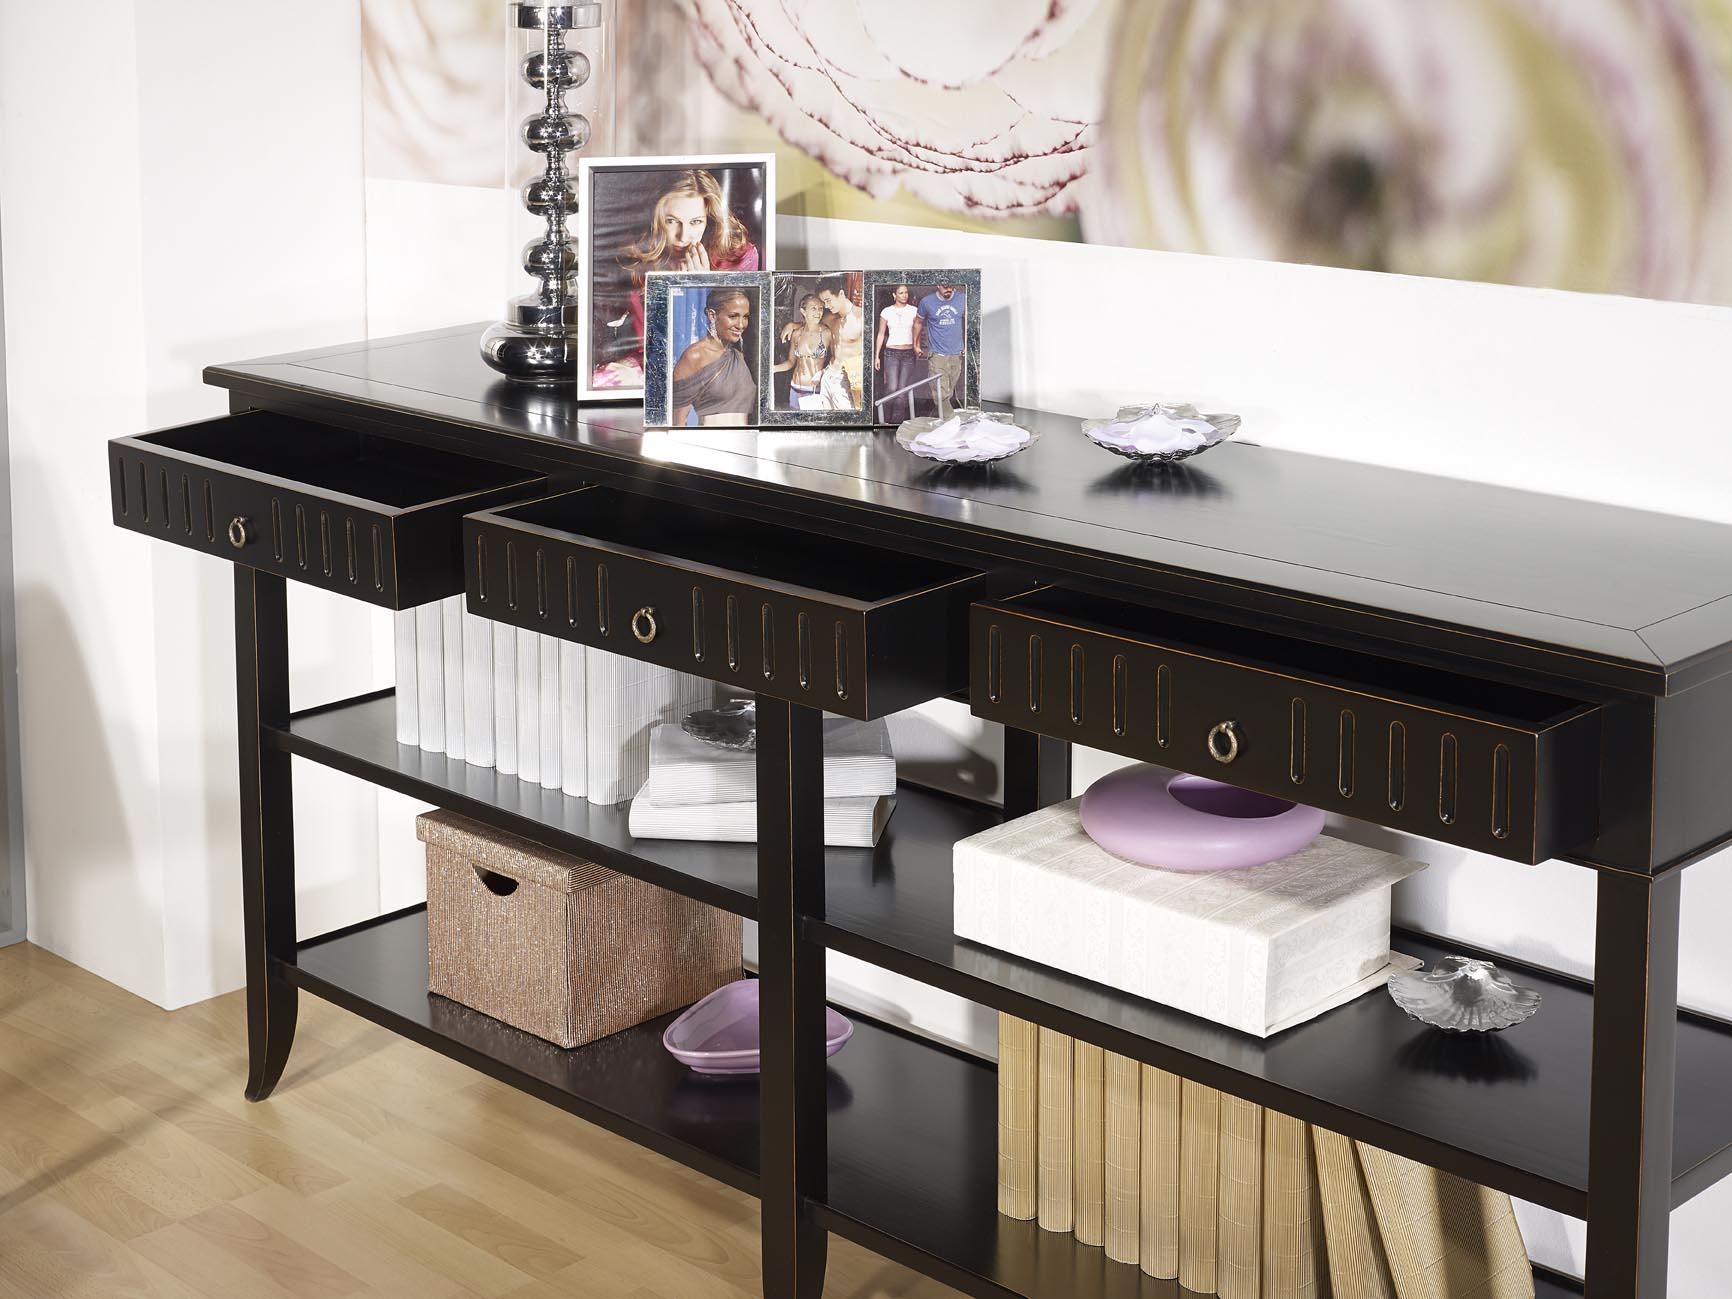 console ou desserte alba en merisier de style directoire finition noire l g rement us e meuble. Black Bedroom Furniture Sets. Home Design Ideas